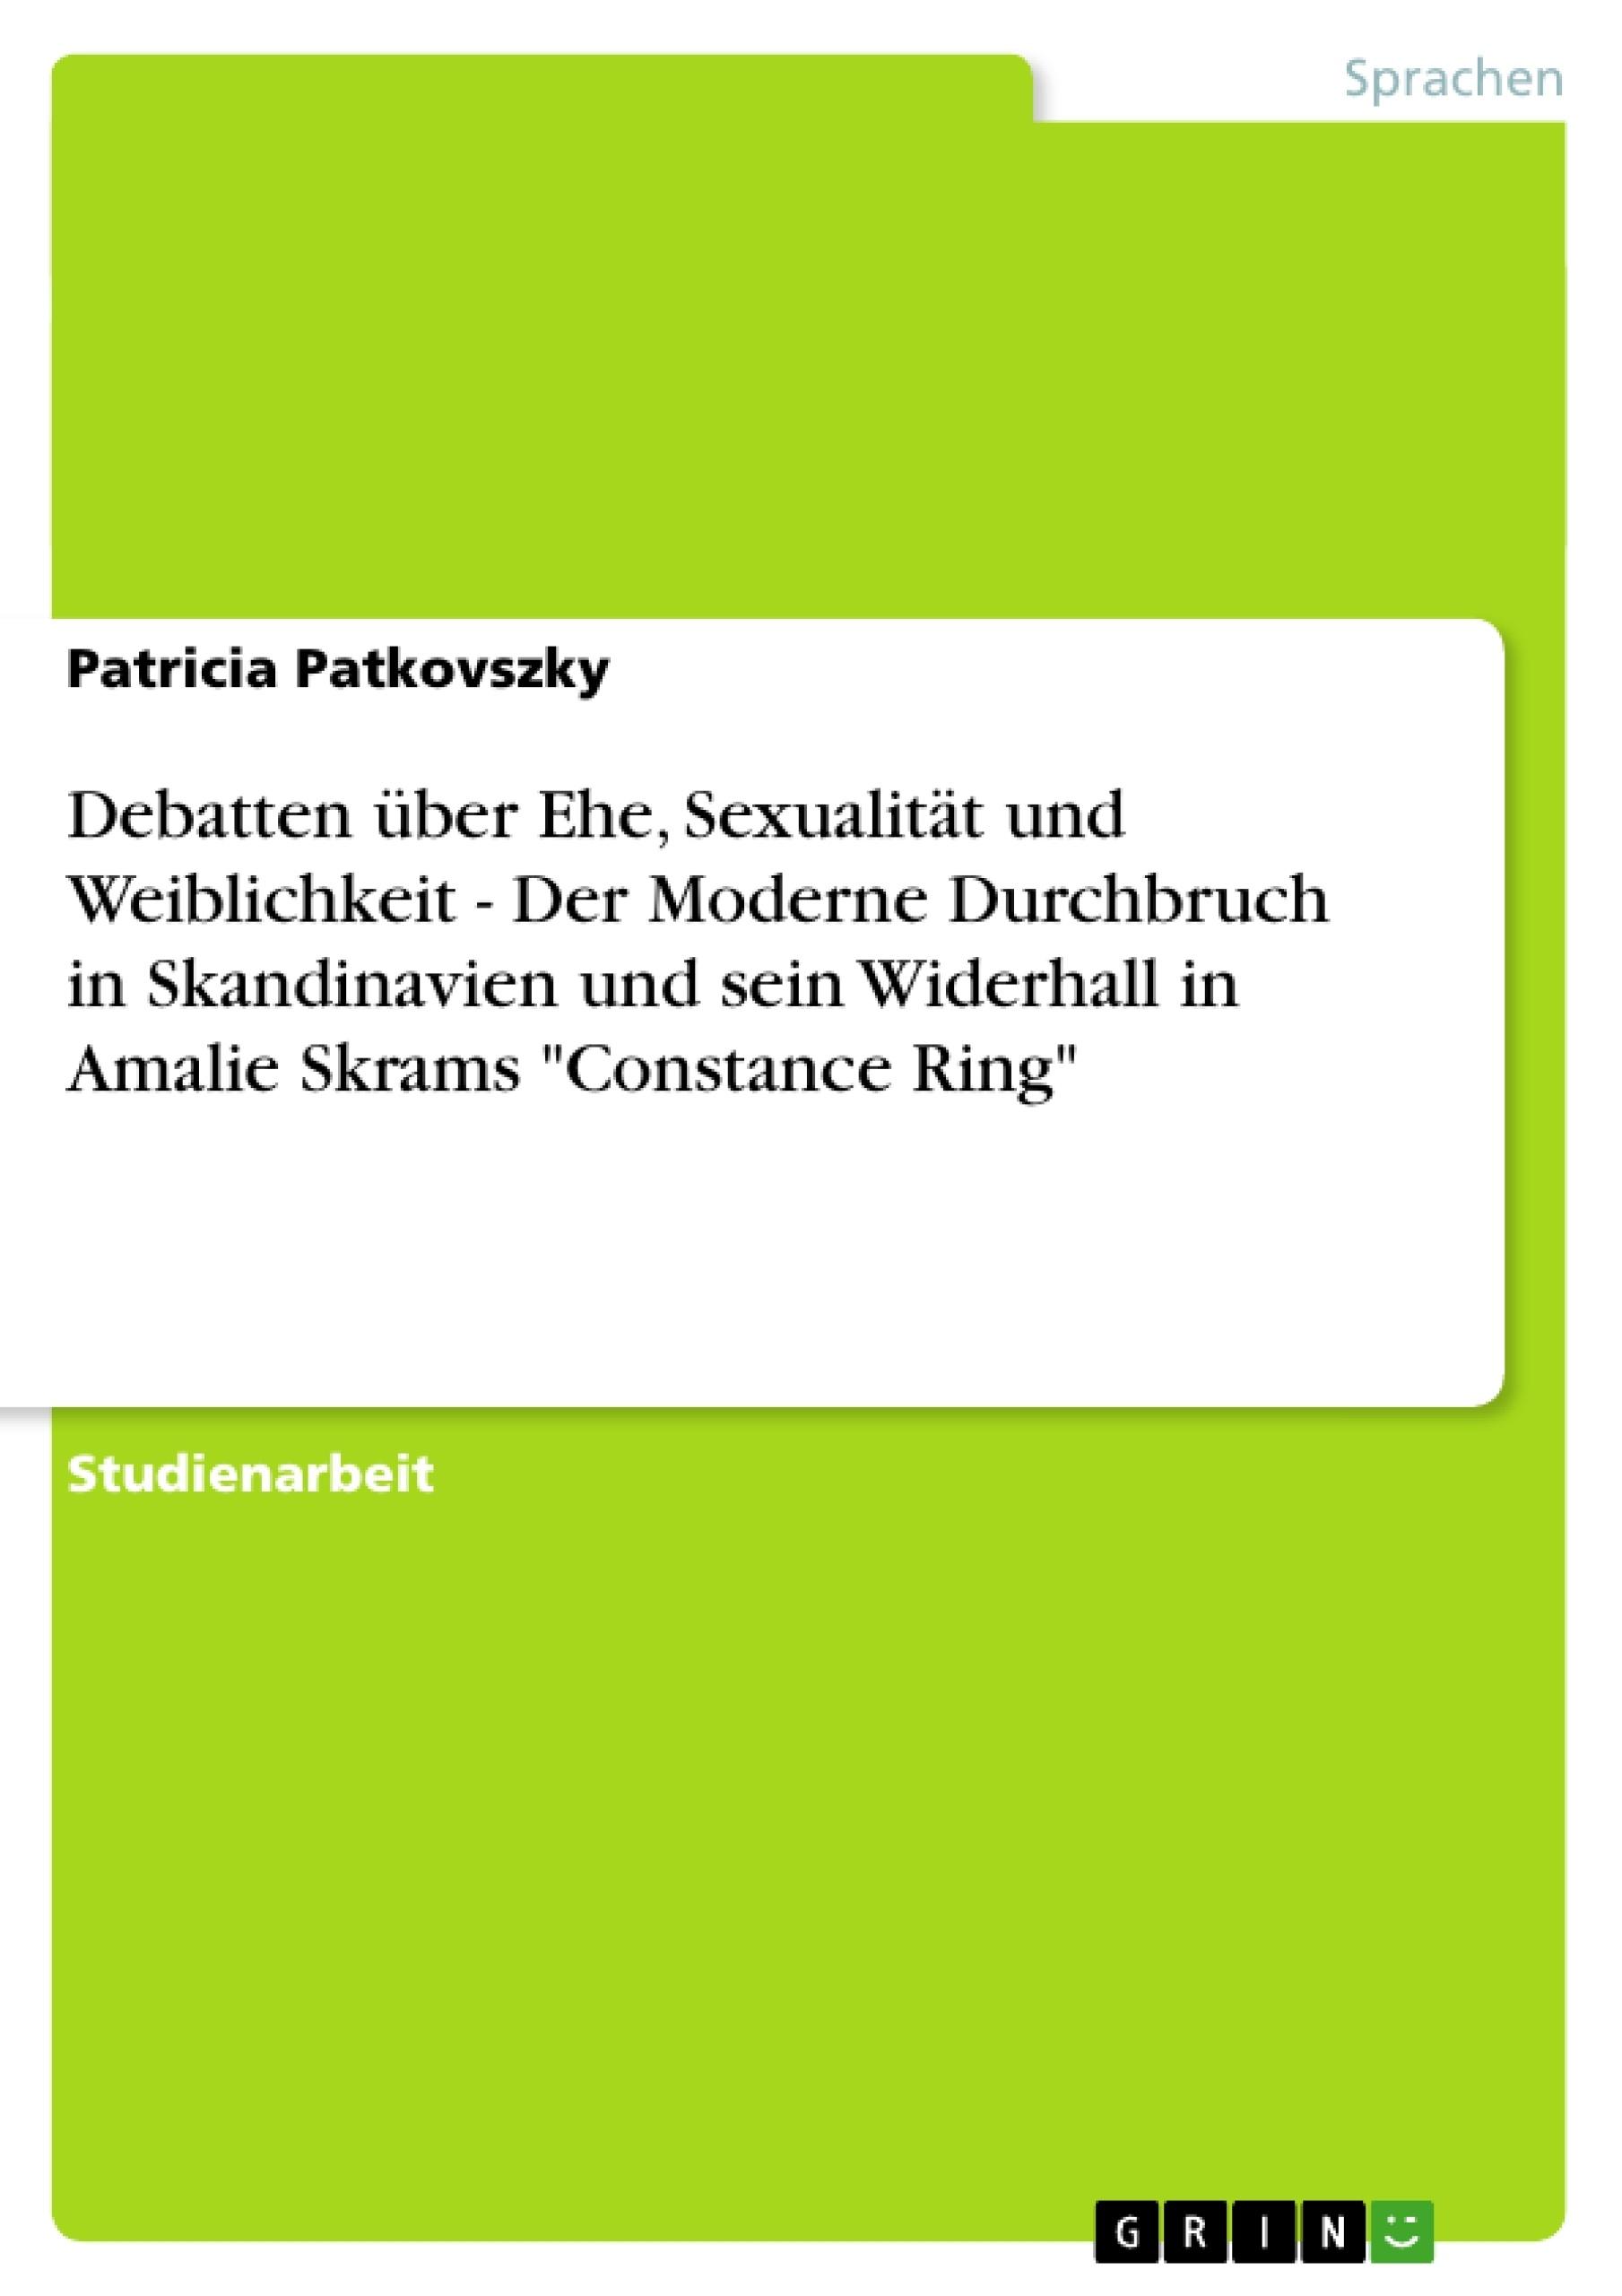 """Titel: Debatten über Ehe, Sexualität und Weiblichkeit - Der Moderne Durchbruch in Skandinavien und sein Widerhall in Amalie Skrams """"Constance Ring"""""""